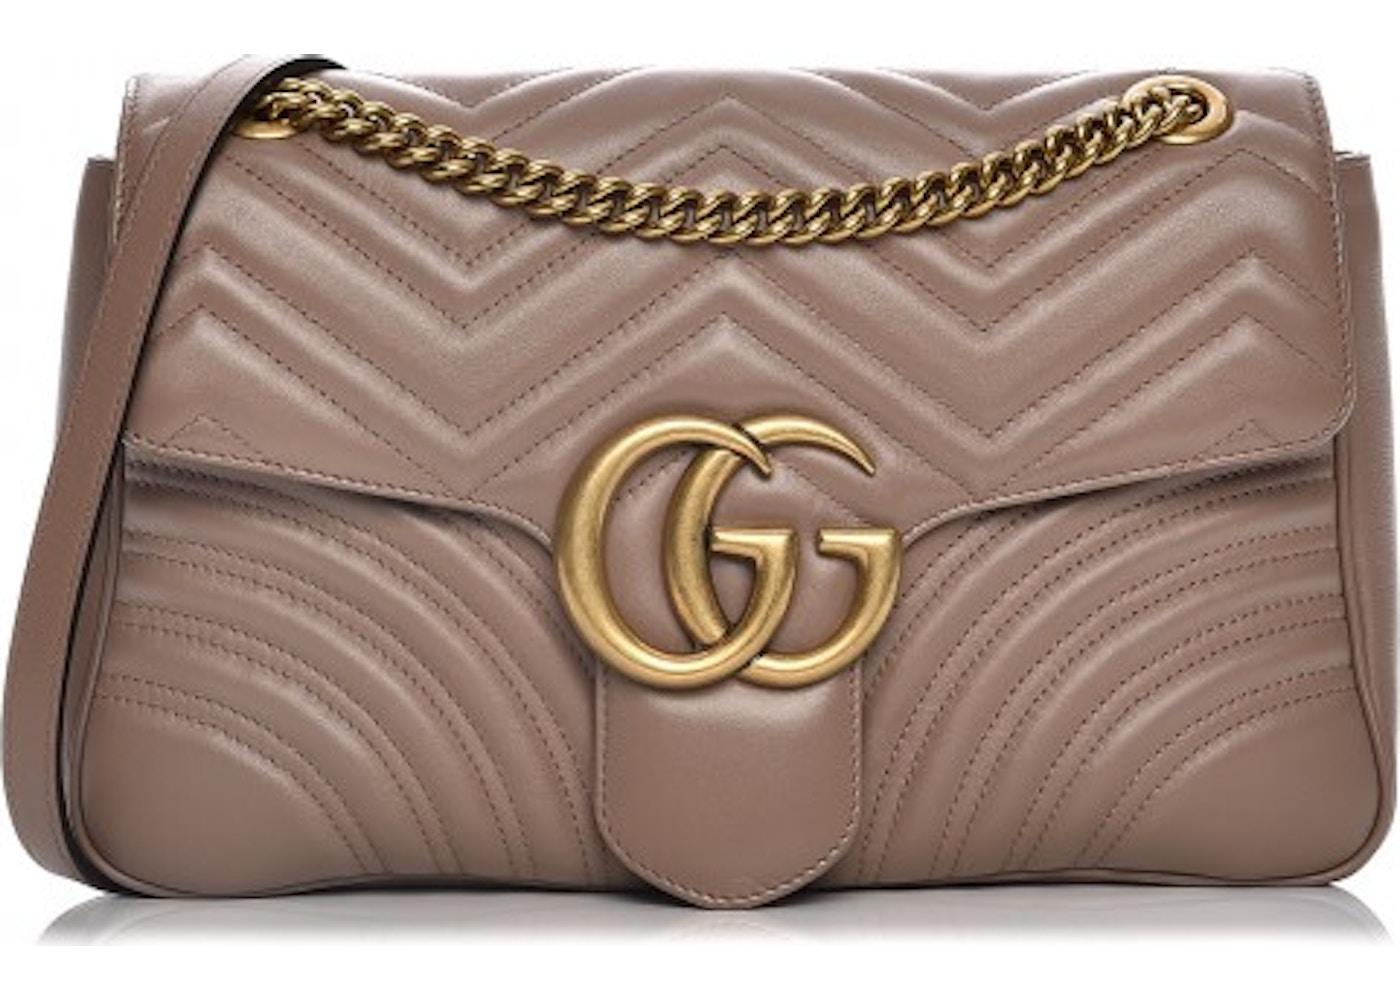 8b73a4a9d00 Gucci Marmont Shoulder Bag Matelasse GG Medium Porcelain Rose. Matelasse GG  Medium Porcelain Rose